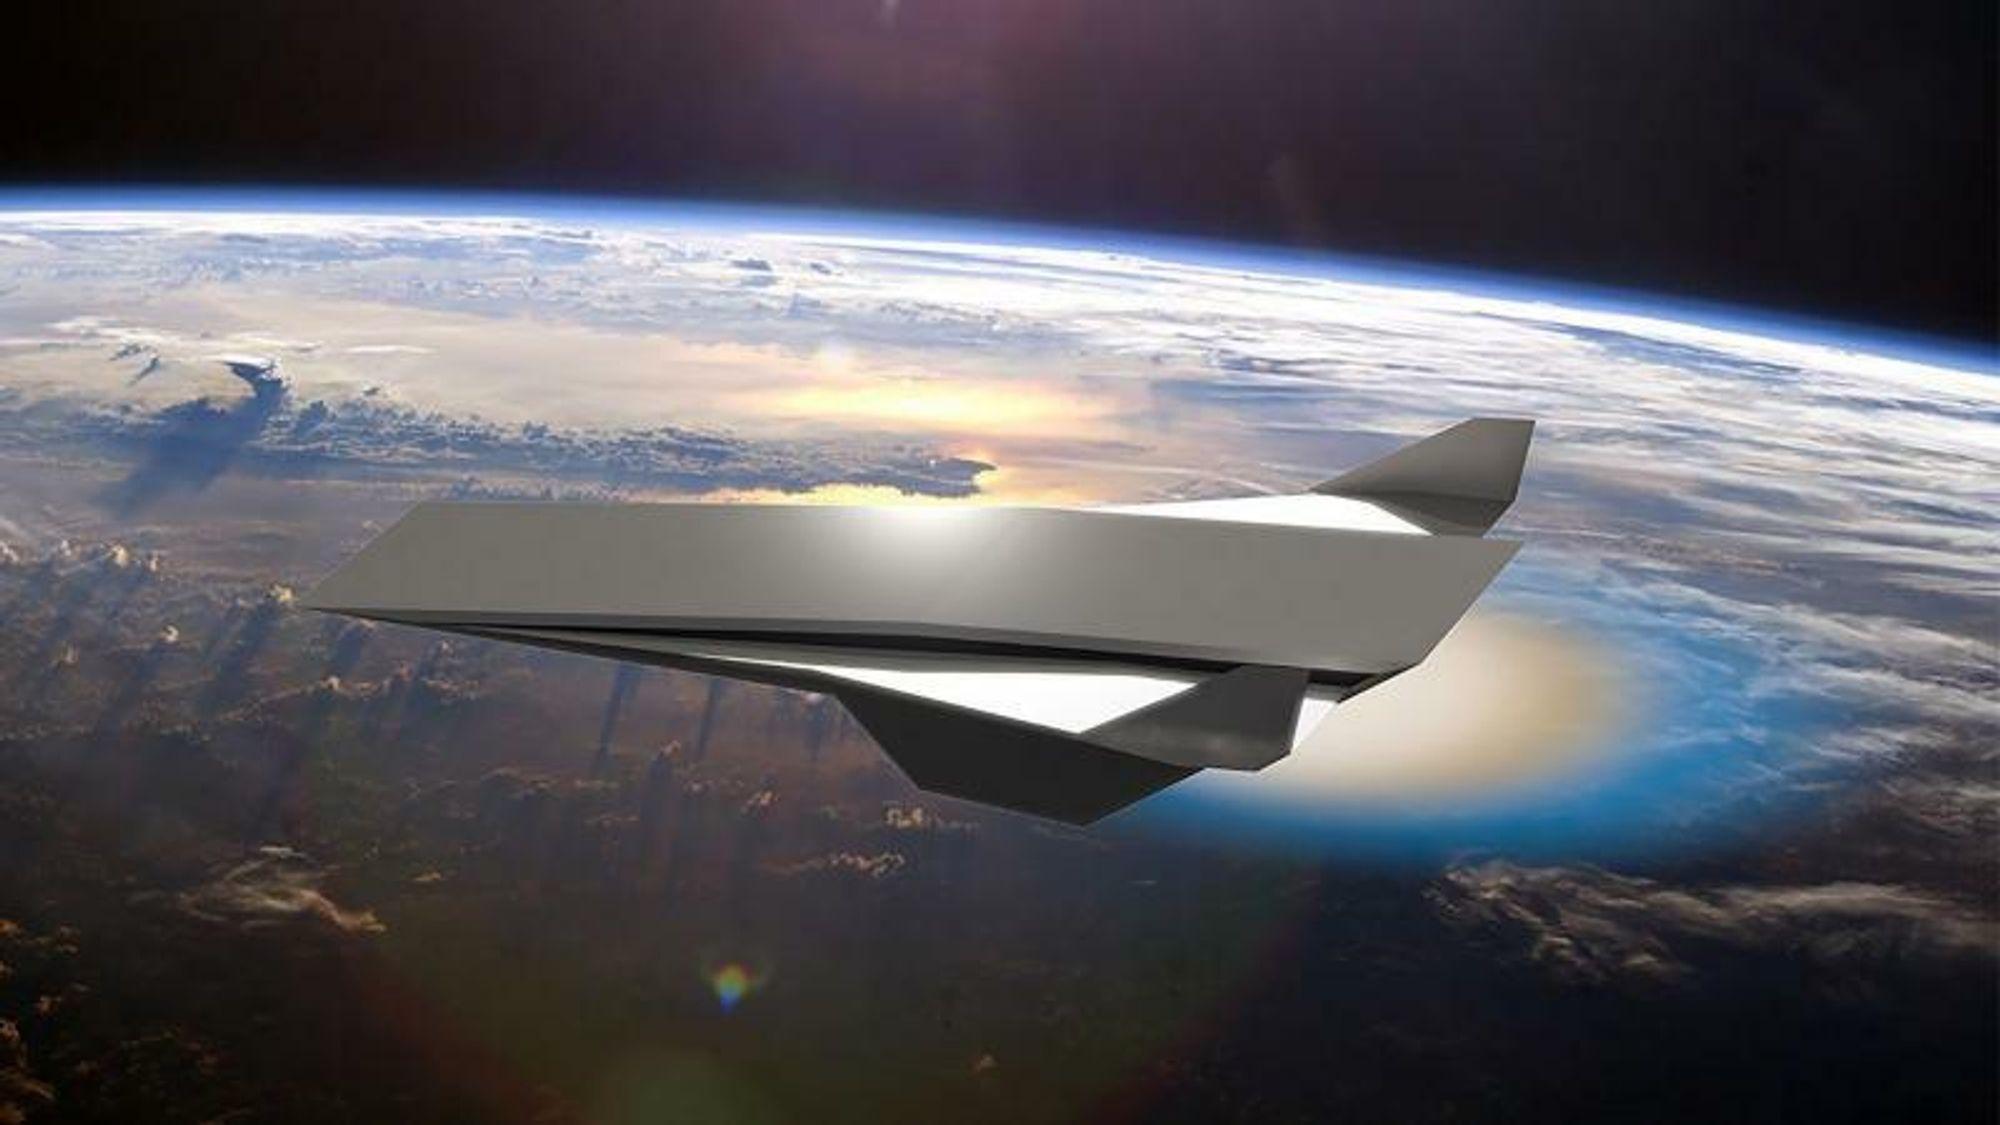 Det er ingen konkrete planer om å produsere et fly med en detonasjonsmotor, men universitetet der motoren blir undersøkt, står bak denne visualiseringen av hvordan den kan se ut.